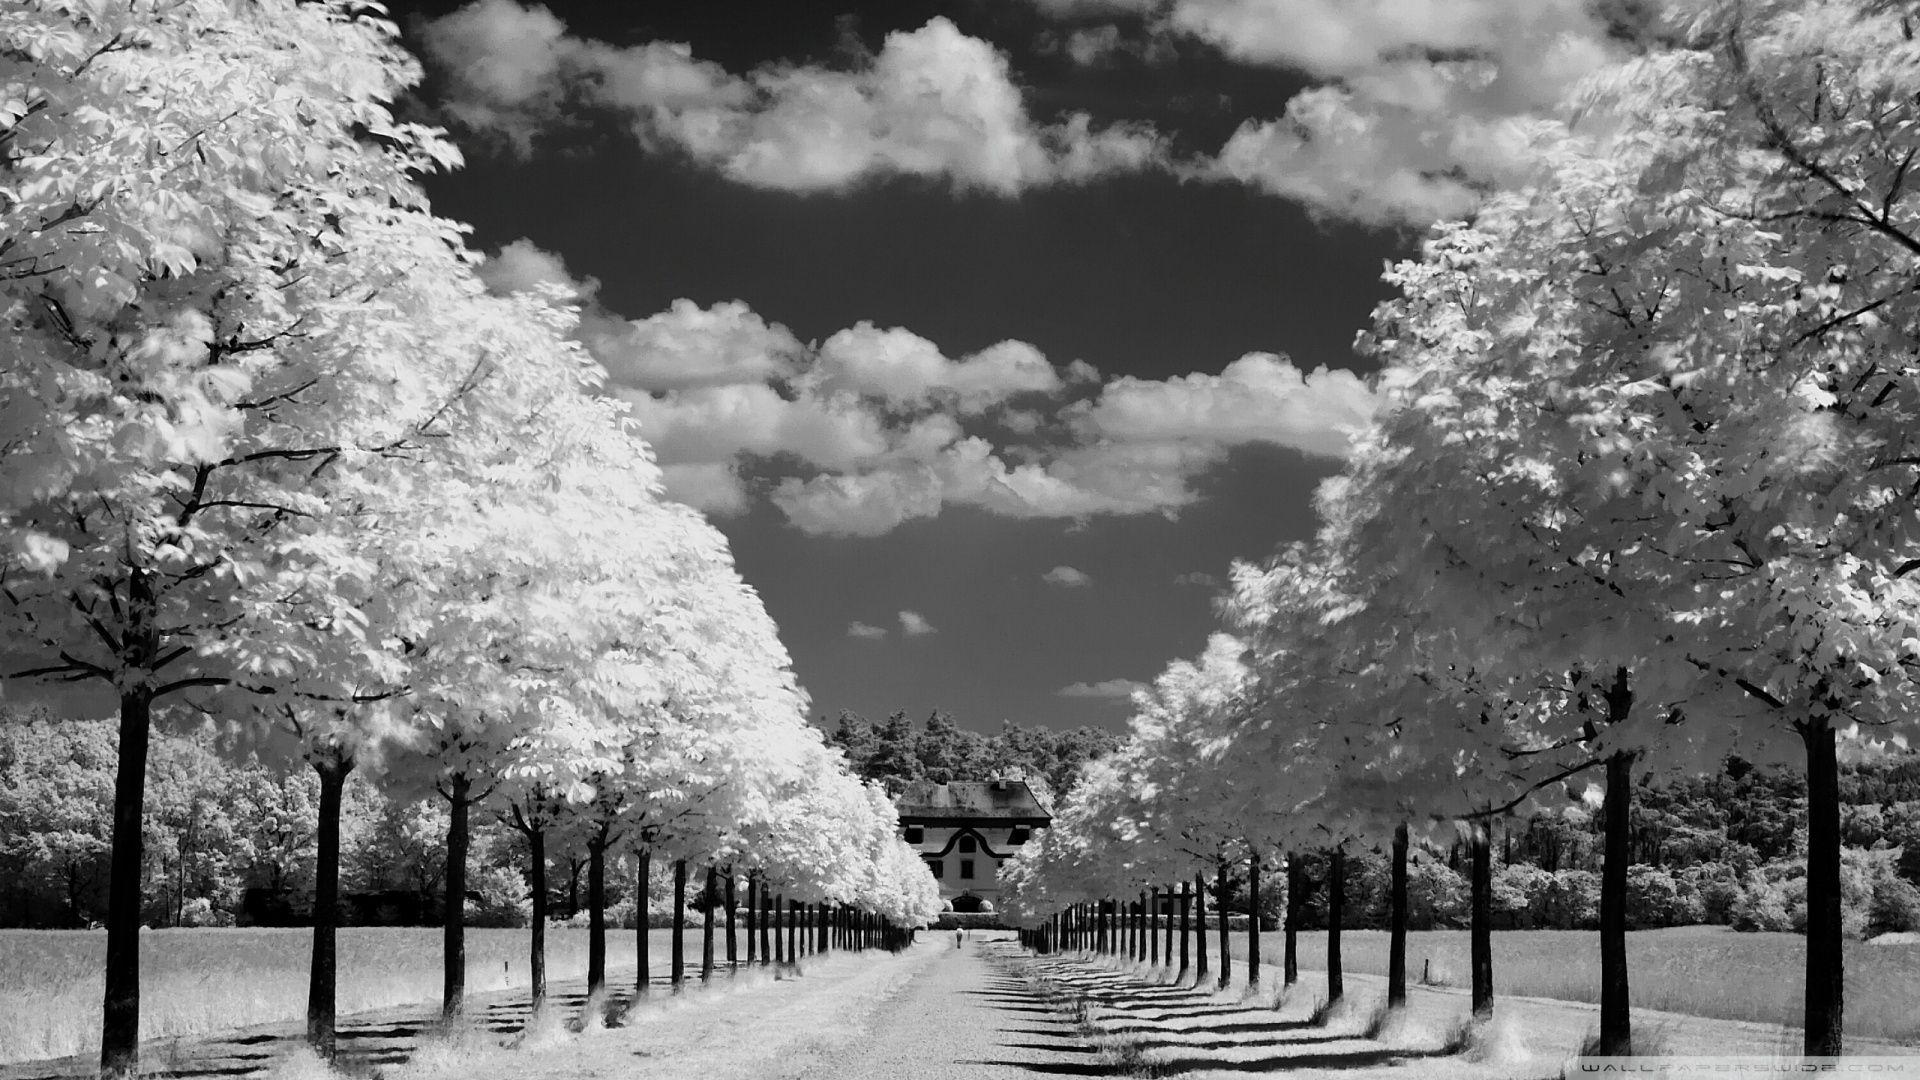 Vintage Black And White Hd Wallpaper 1920 X 1080 Black And White Tree Black And White Clouds Black And White Wallpaper